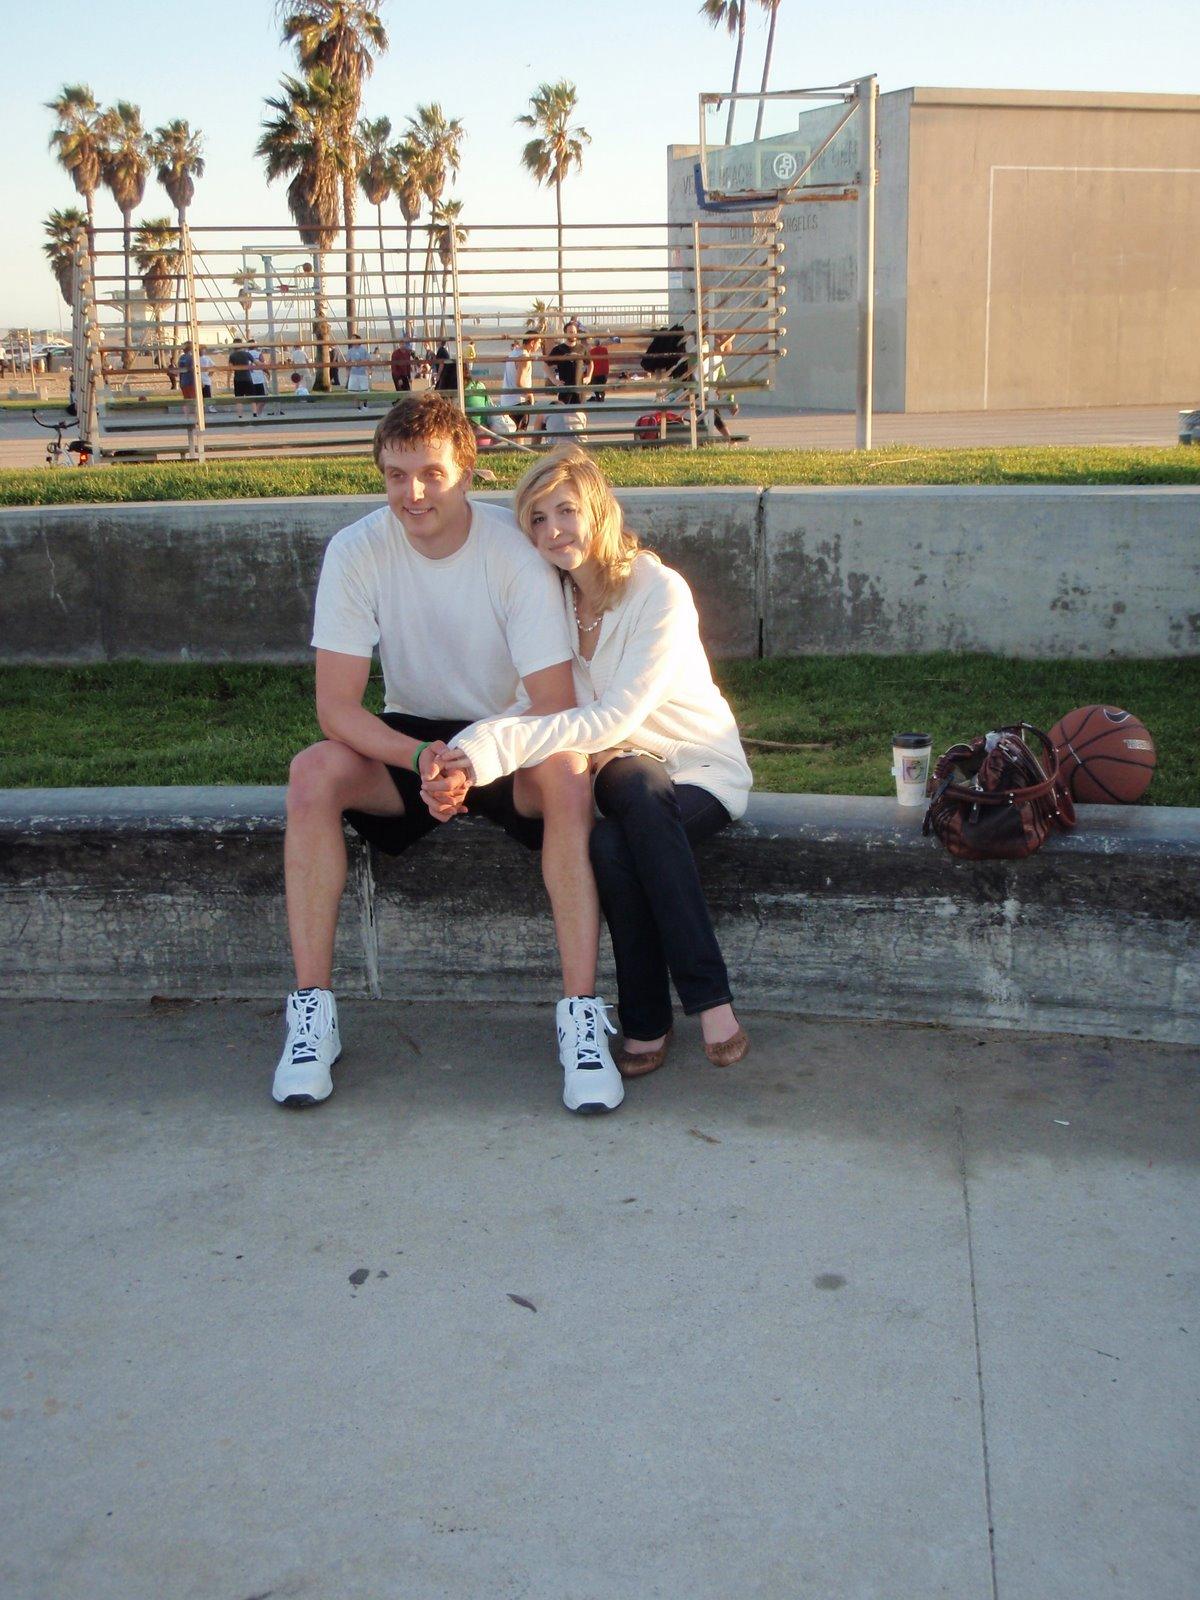 Joel & Tara